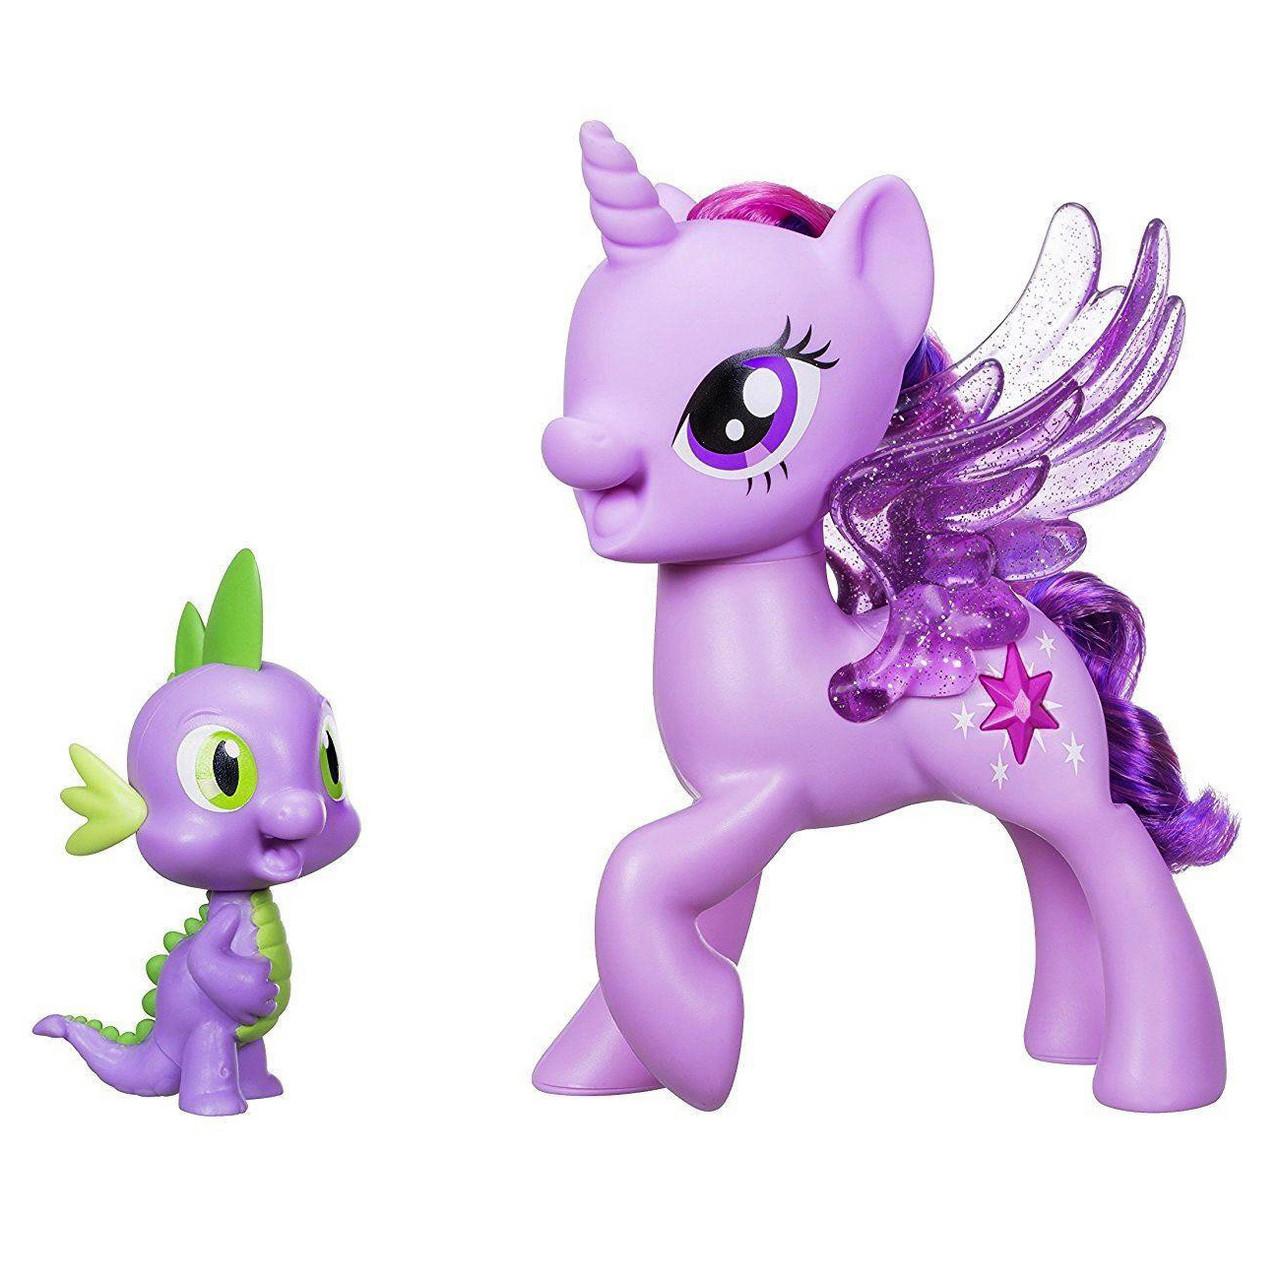 Игровой набор Сияние Поющие Twilight Sparkle и Spike, «My Little Pony» (C0718)